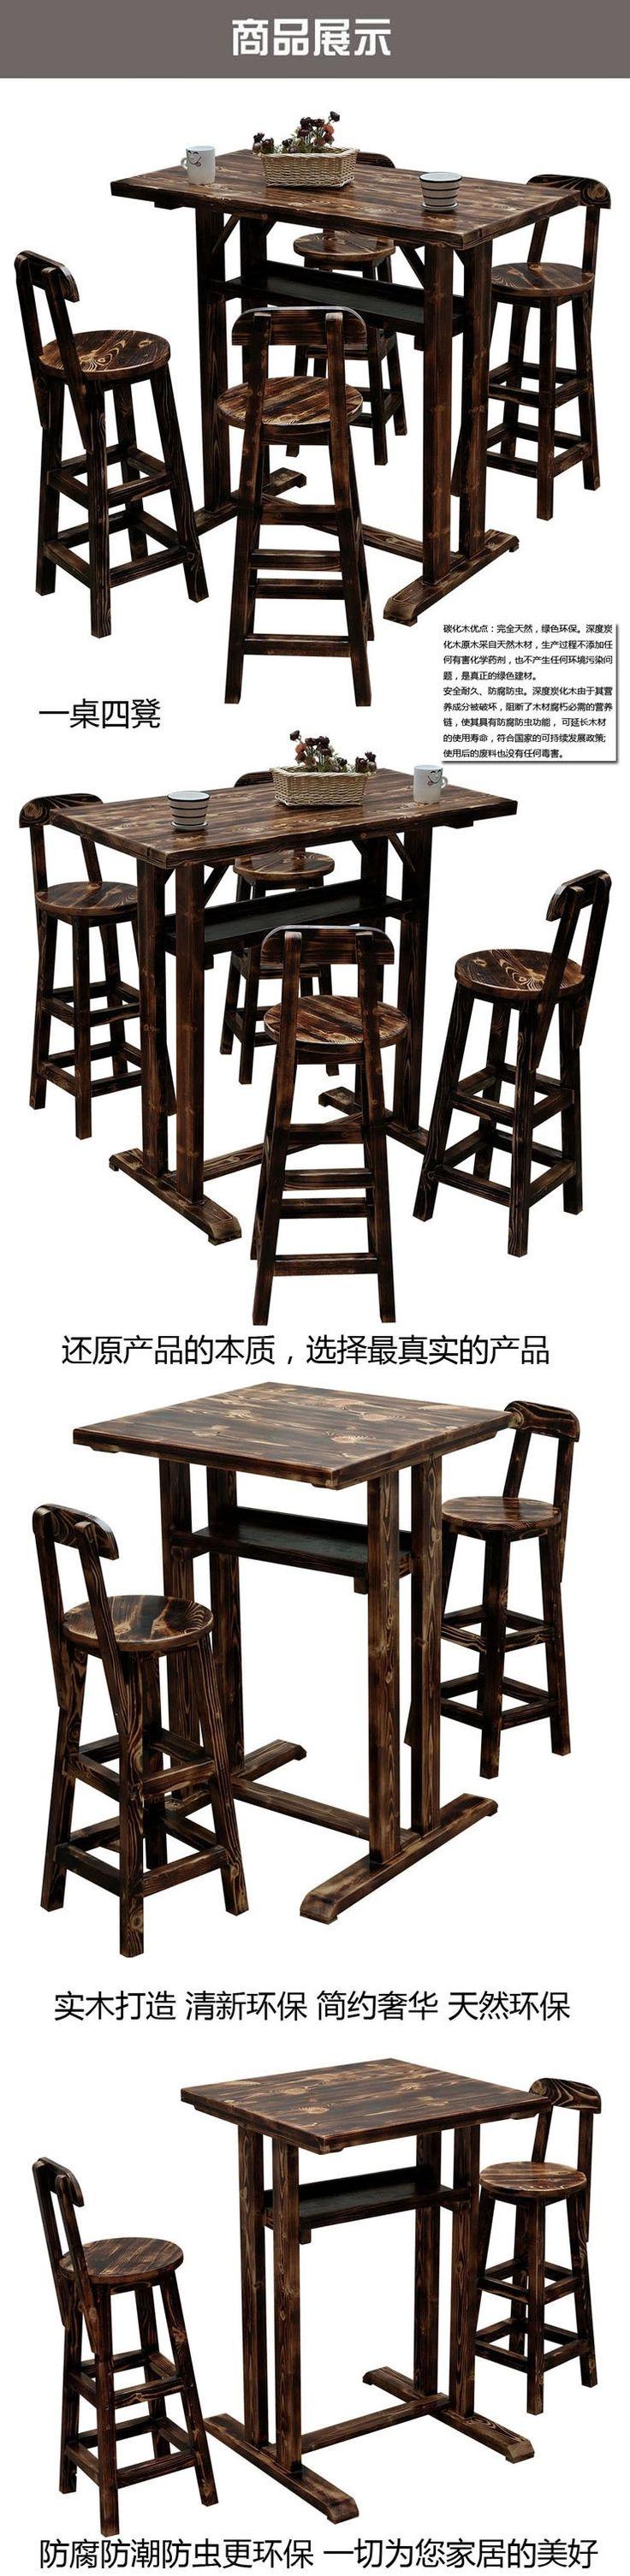 Деревянные столы карбида консервант бар и стулья делают старые цвет Бар Бар Бар пожарные Семья обеденные столы бар - Taobao